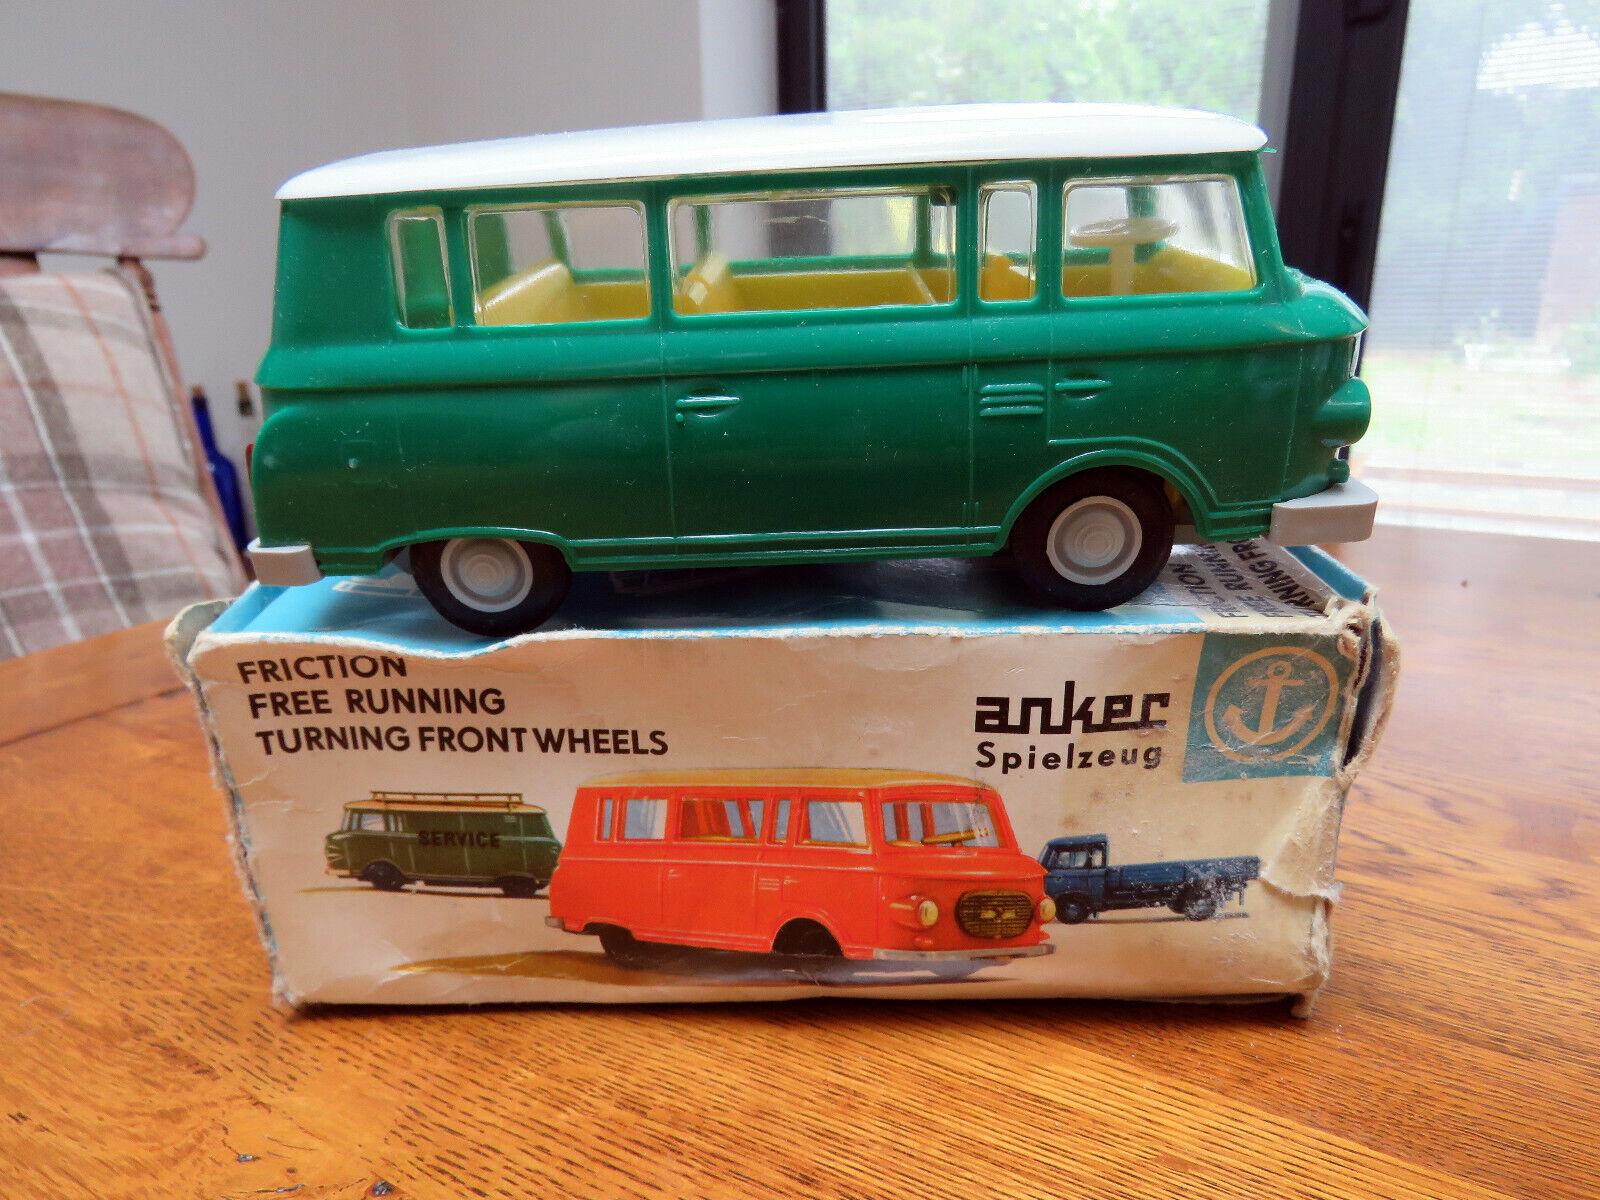 Anker Barkas B1000 DDR MINI autobus autobus autobus verde & GItuttiO gratis in esecuzione giocattolo FRIZIONE in scatola 5f4225